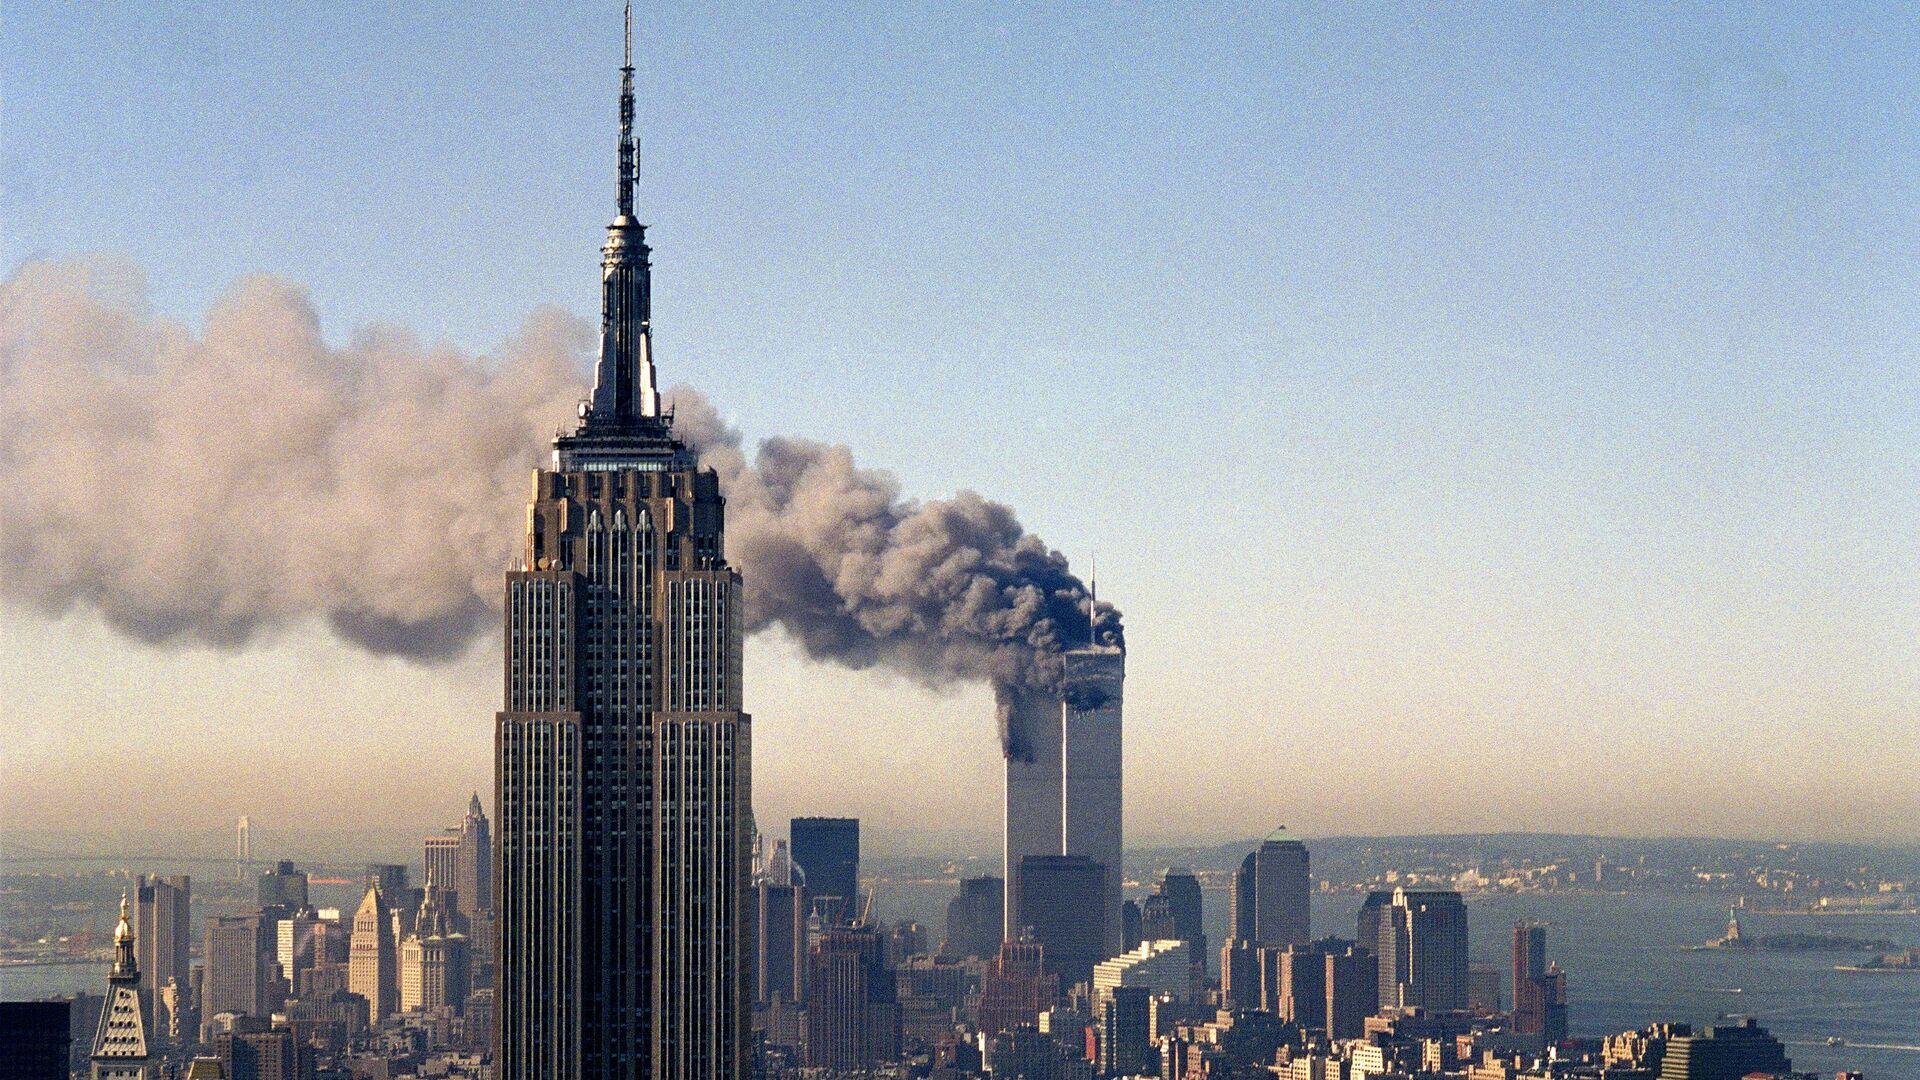 Терористички напад на Светски трговински центар у Њујорку 11. септембaра 2001. године  - Sputnik Србија, 1920, 12.09.2021